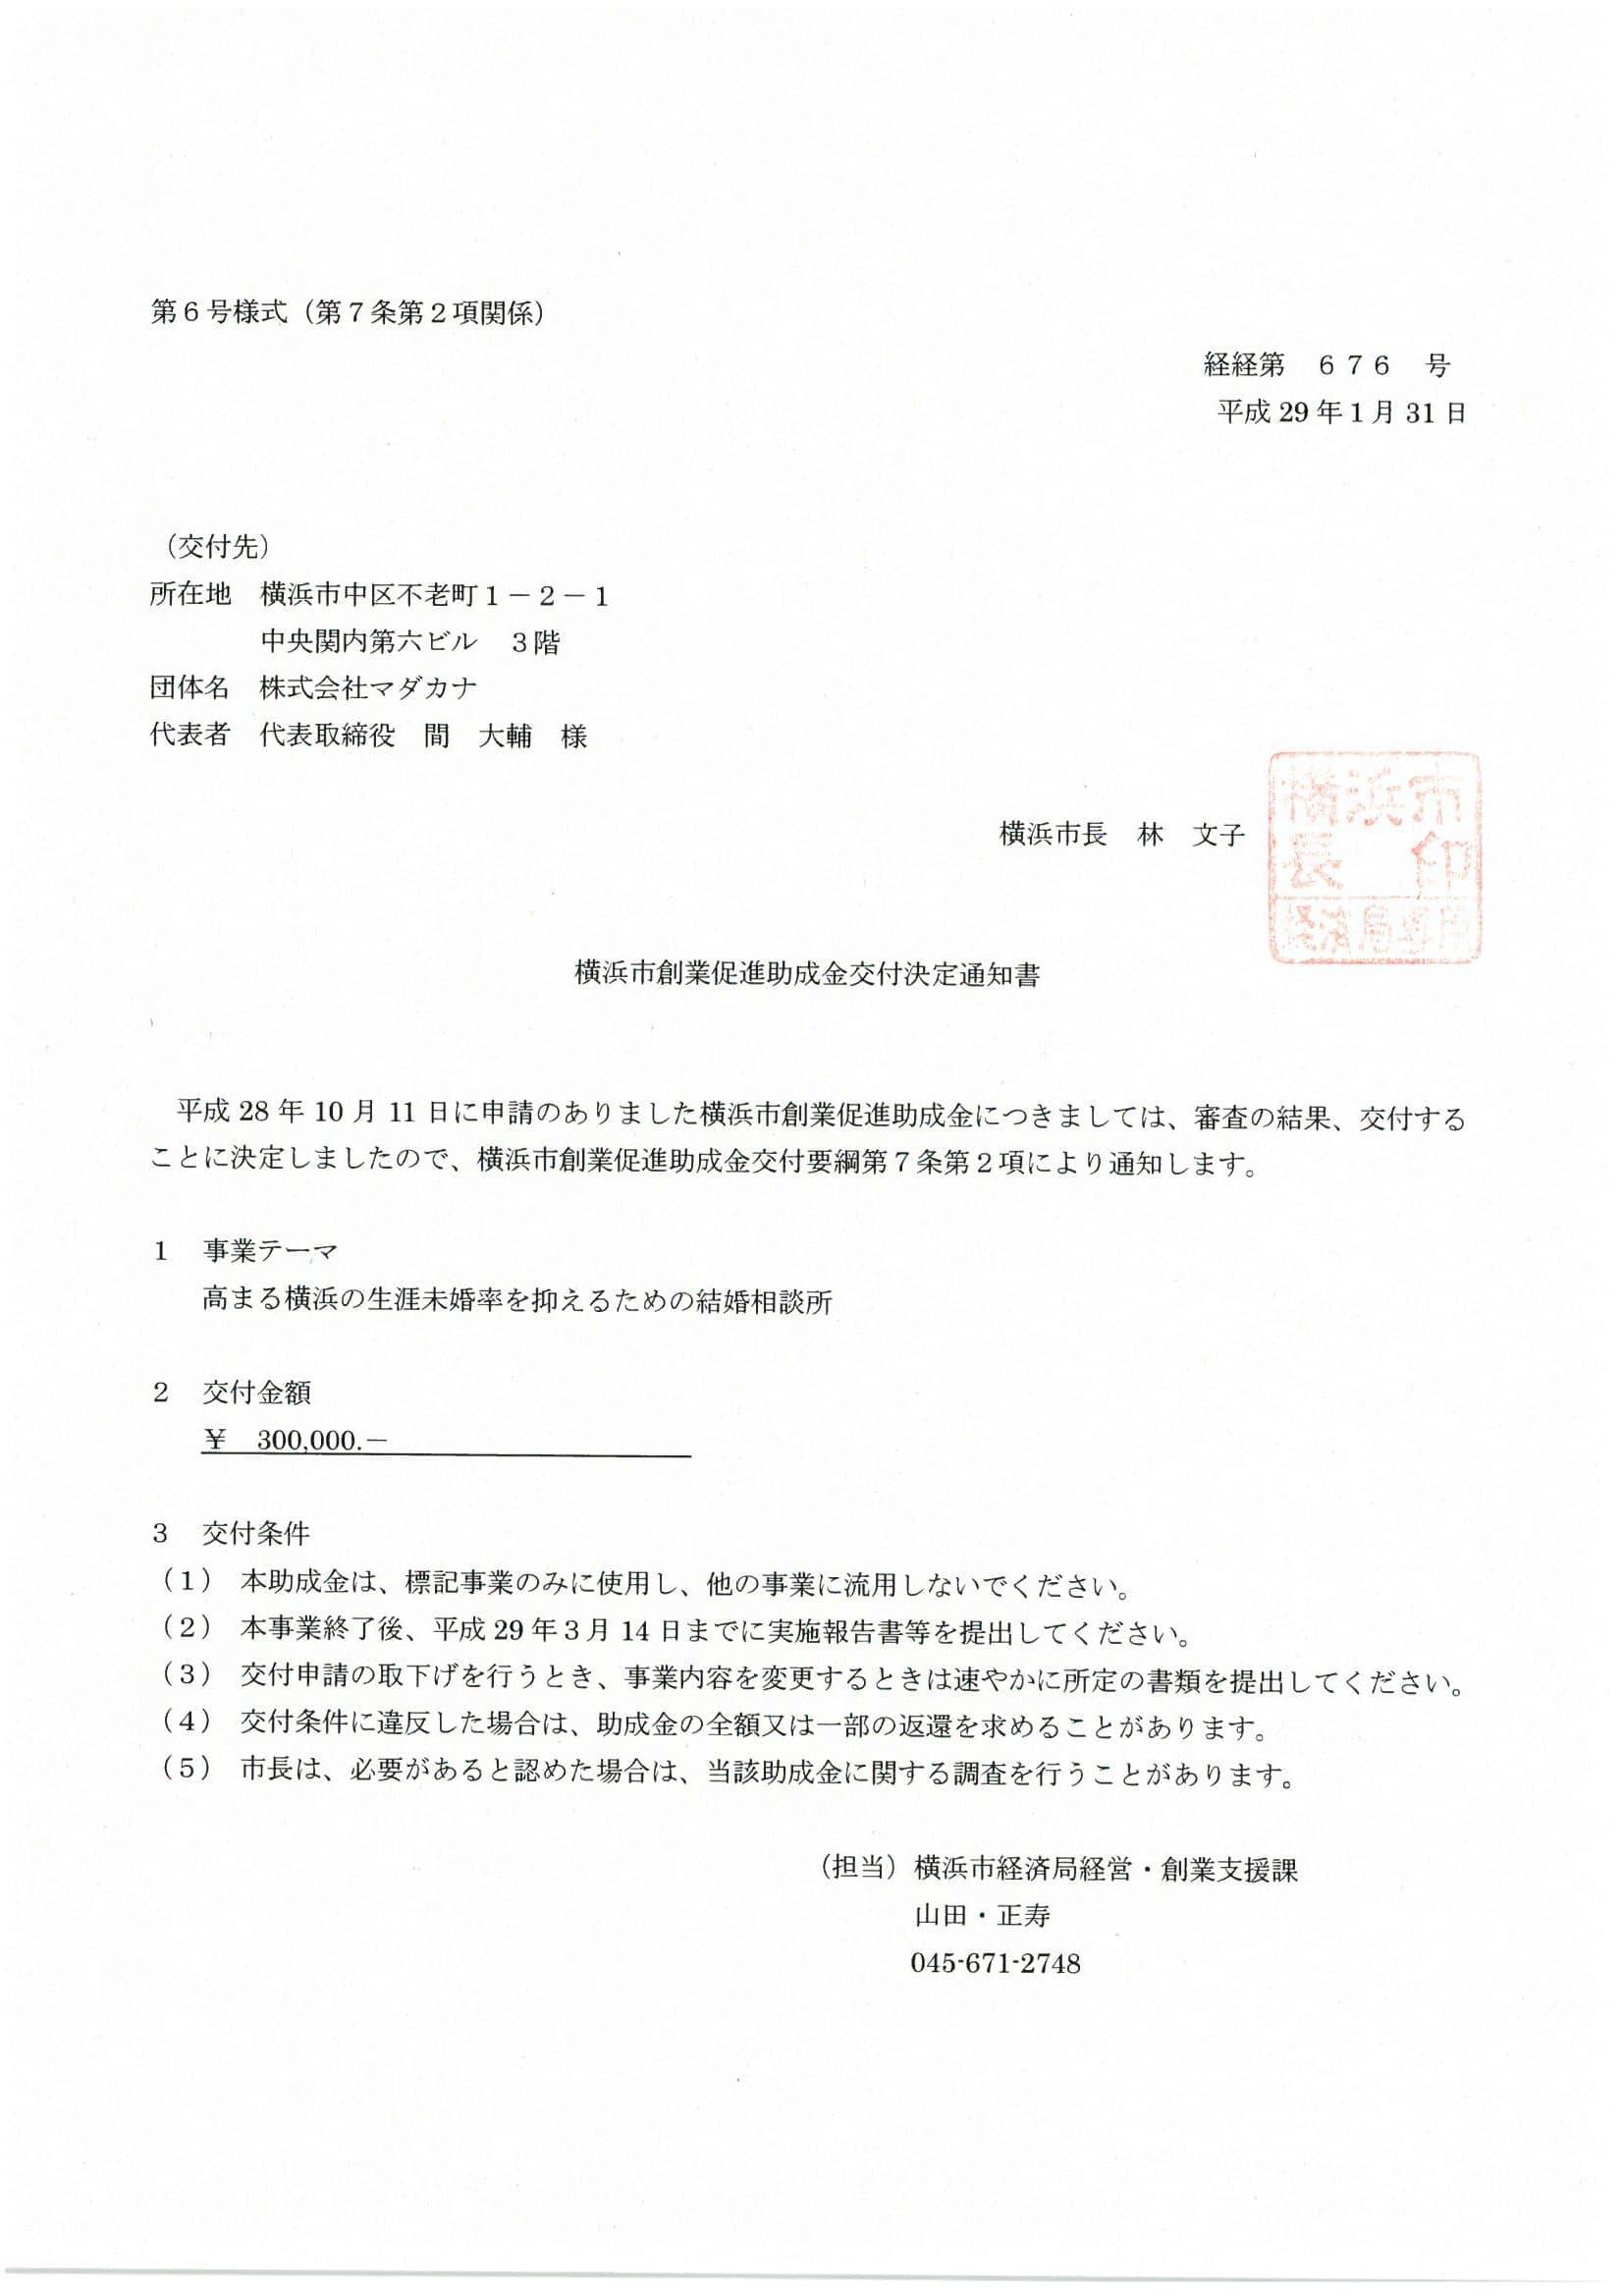 横浜創業促進助成金